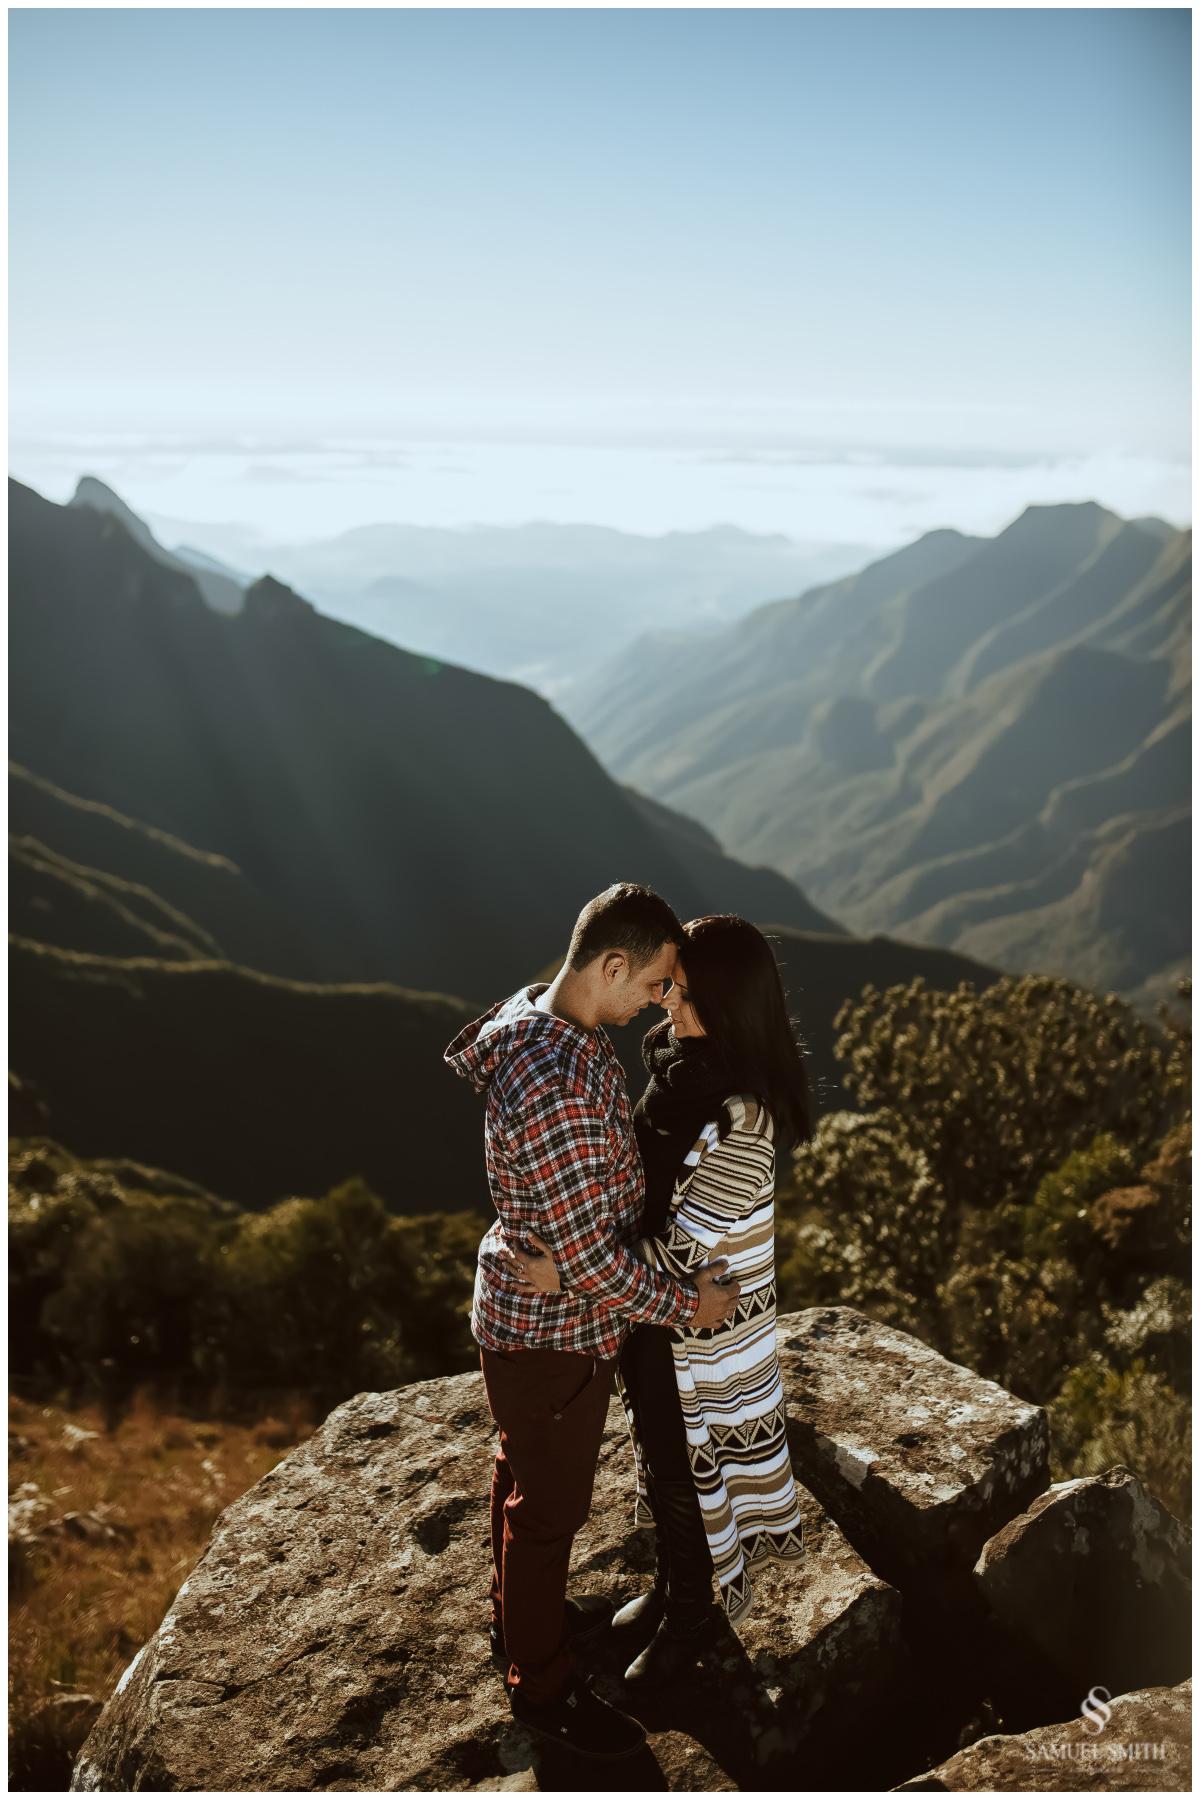 noivos fotos ensaio pré casamento bom jardim da serra do rio do rastro canion da ronda book fotográfico casal (4)